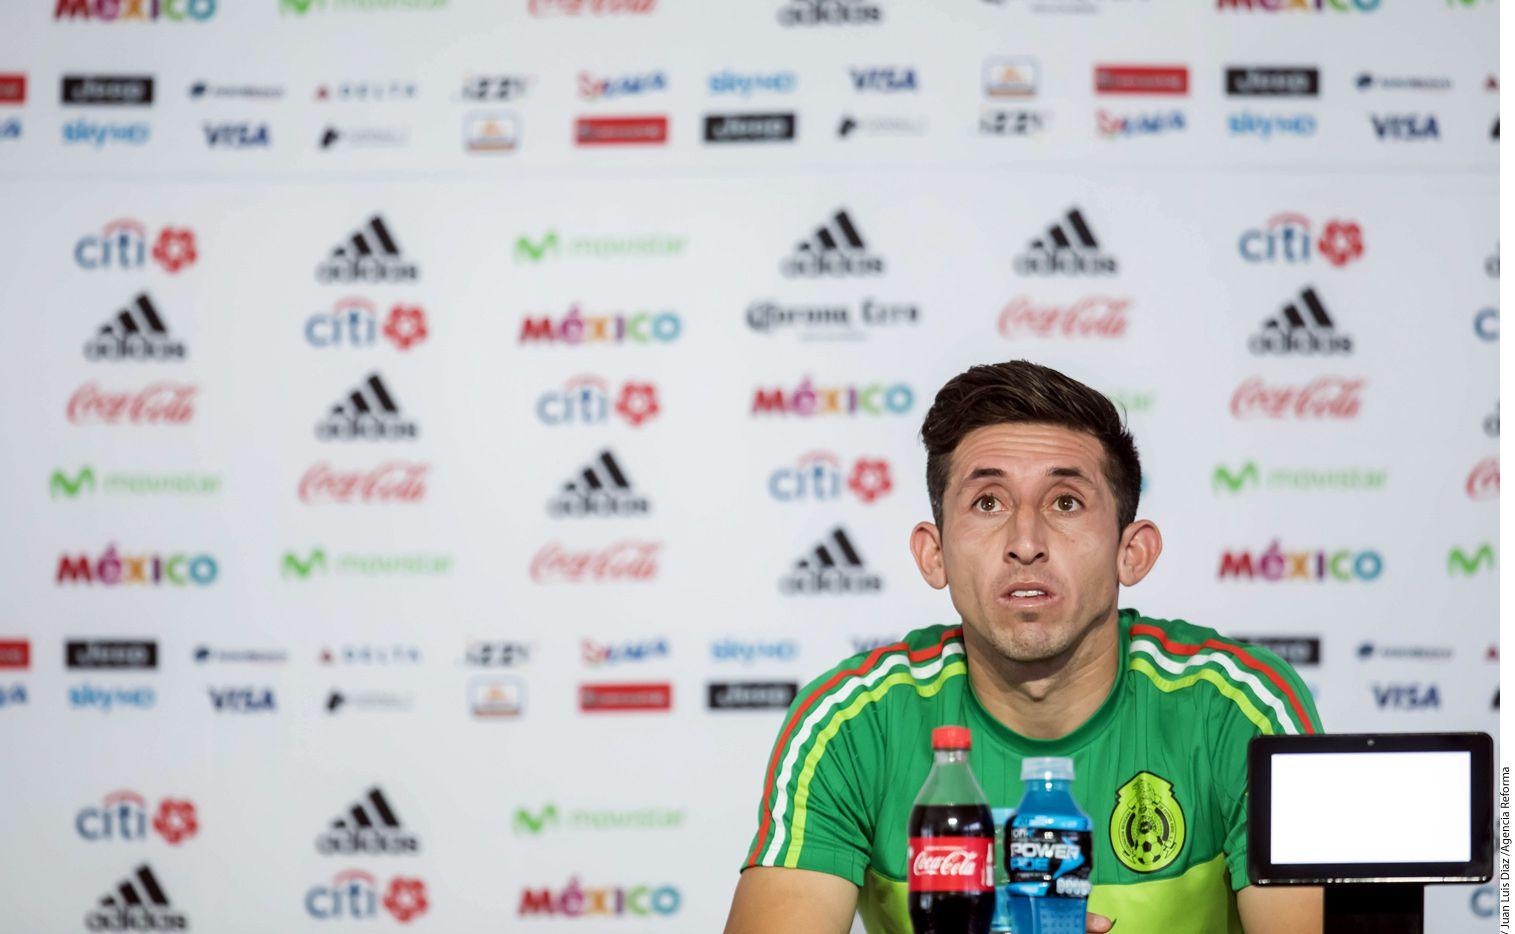 El jugador Héctor Herrera expresó su beneplácito por el fichaje de Lozano con el PSV, sobre todo porque son de la misma cuna del futbol./ AGENCIA REFORMA